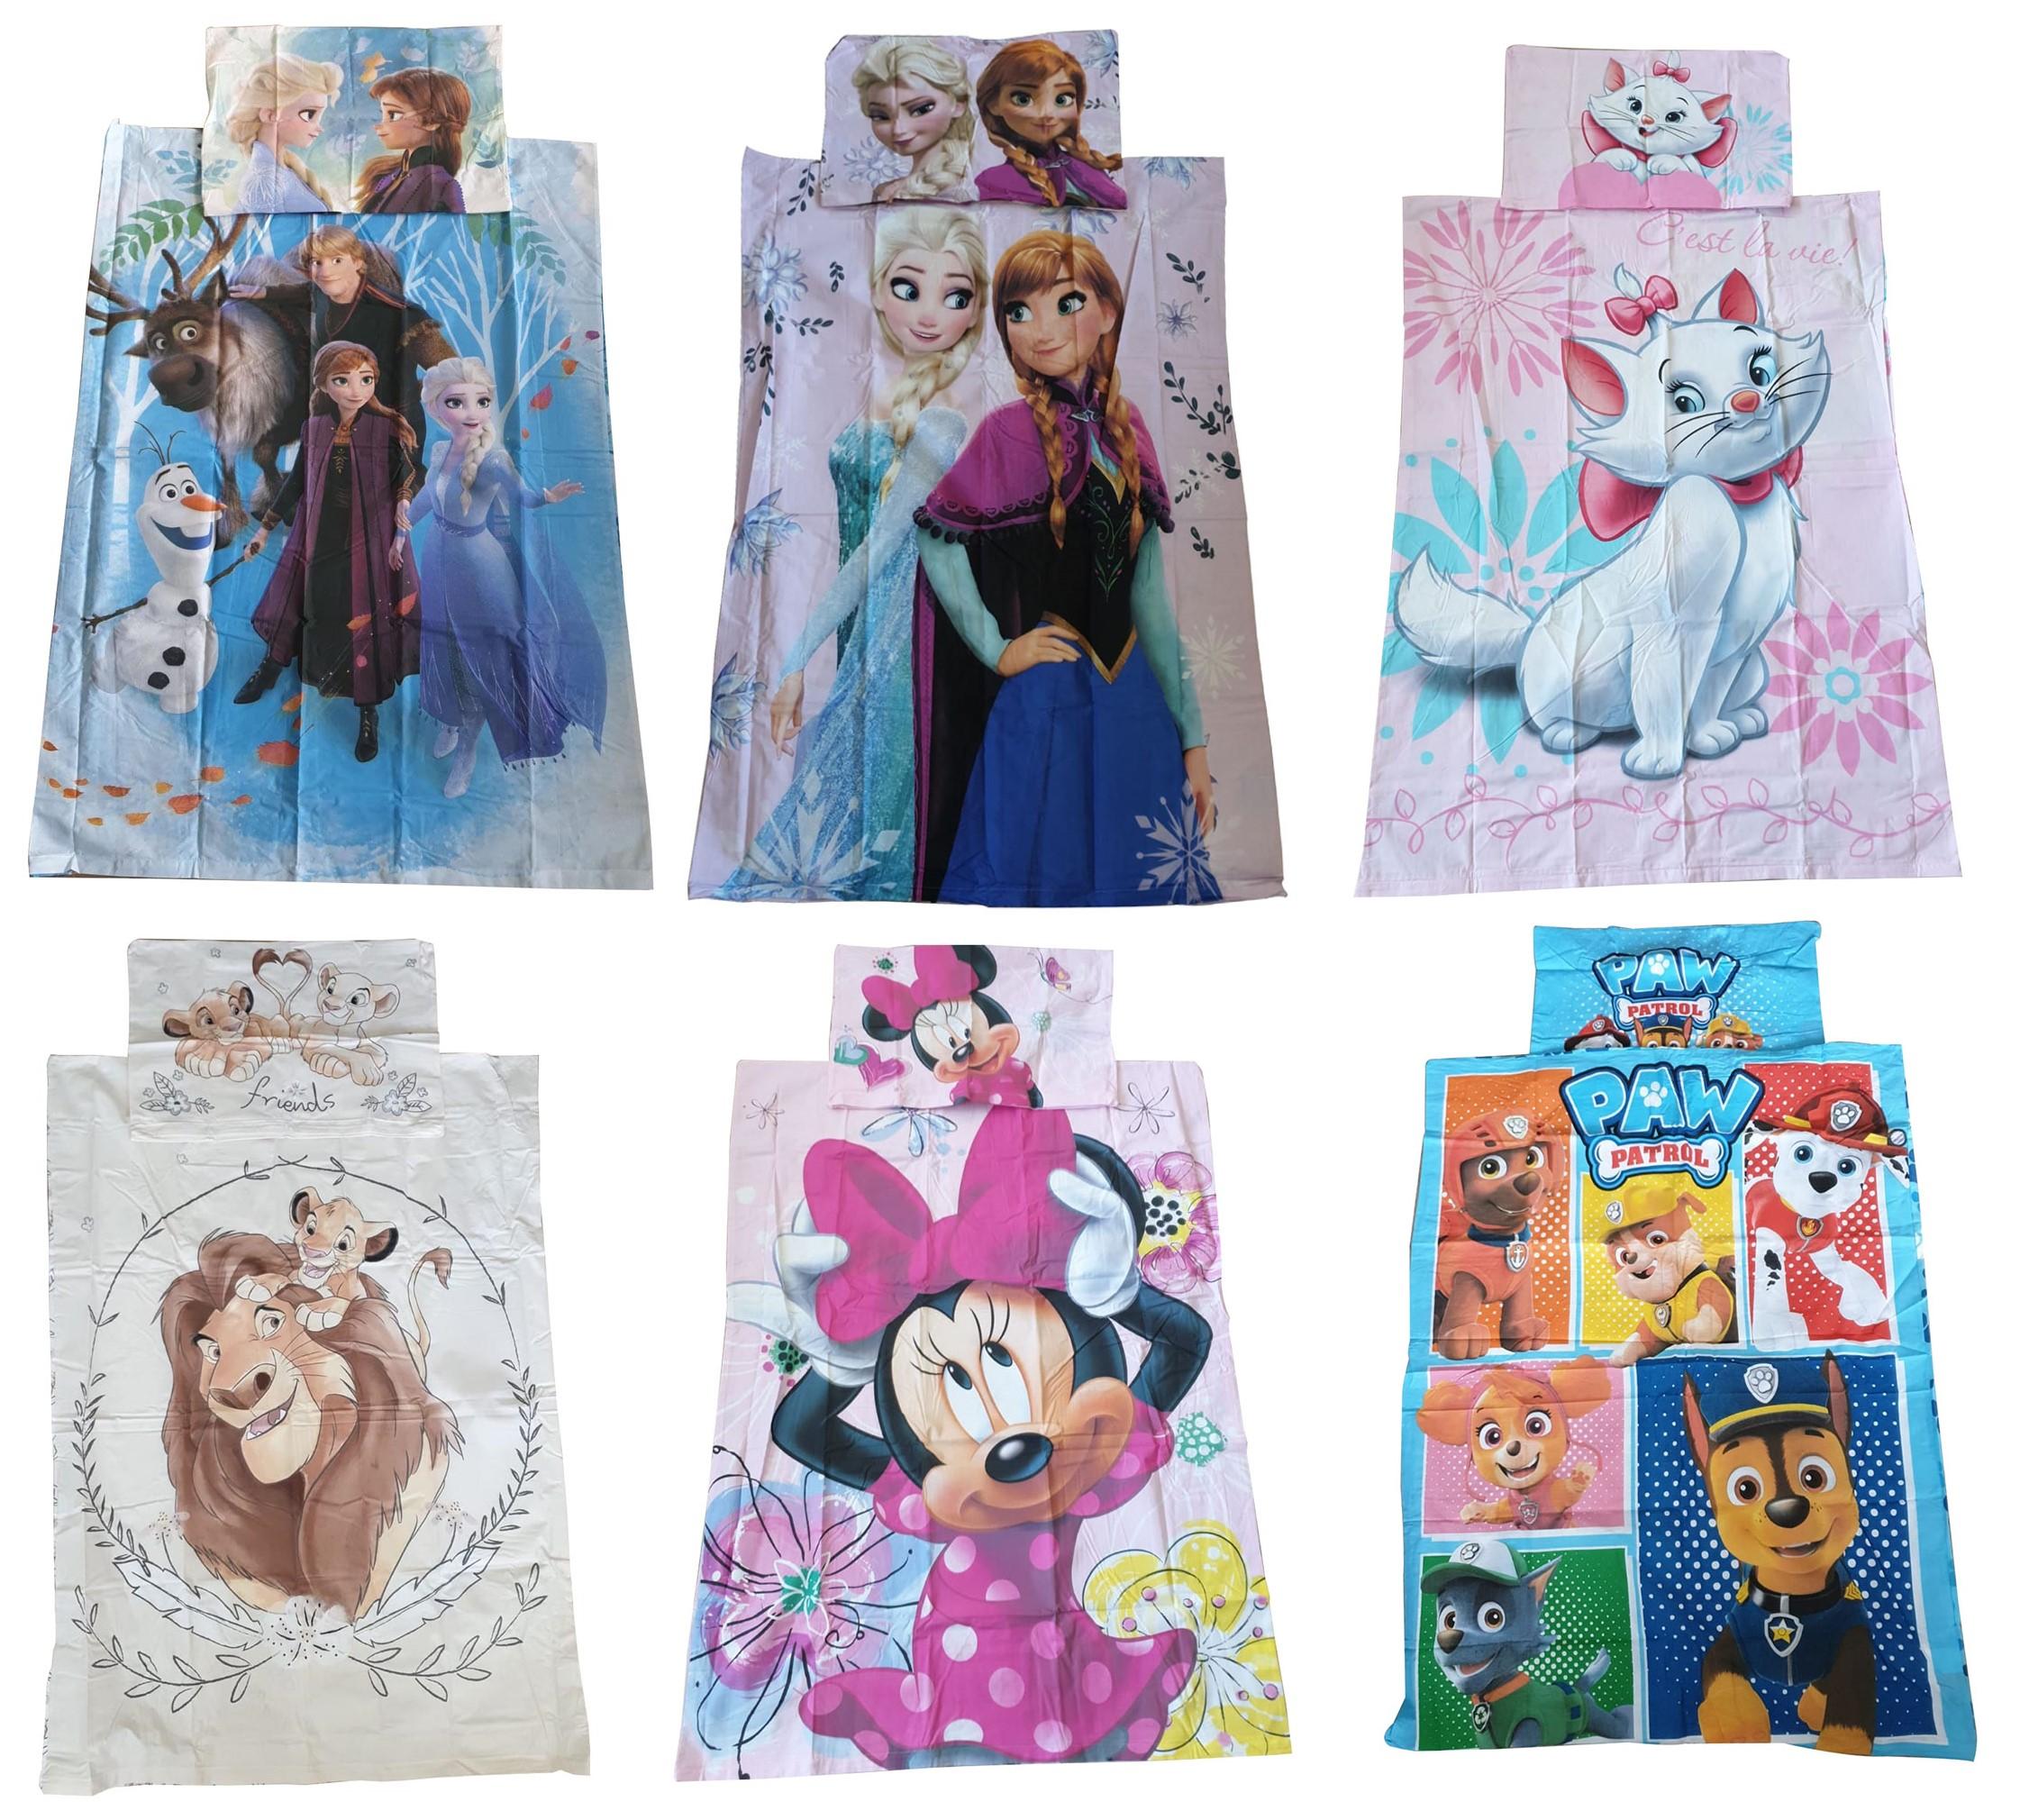 JF Babybettwäsche Kinderbettwäsche verschiedene Motive 100 x 135 cm 100 % Baumwolle (Auswahl)